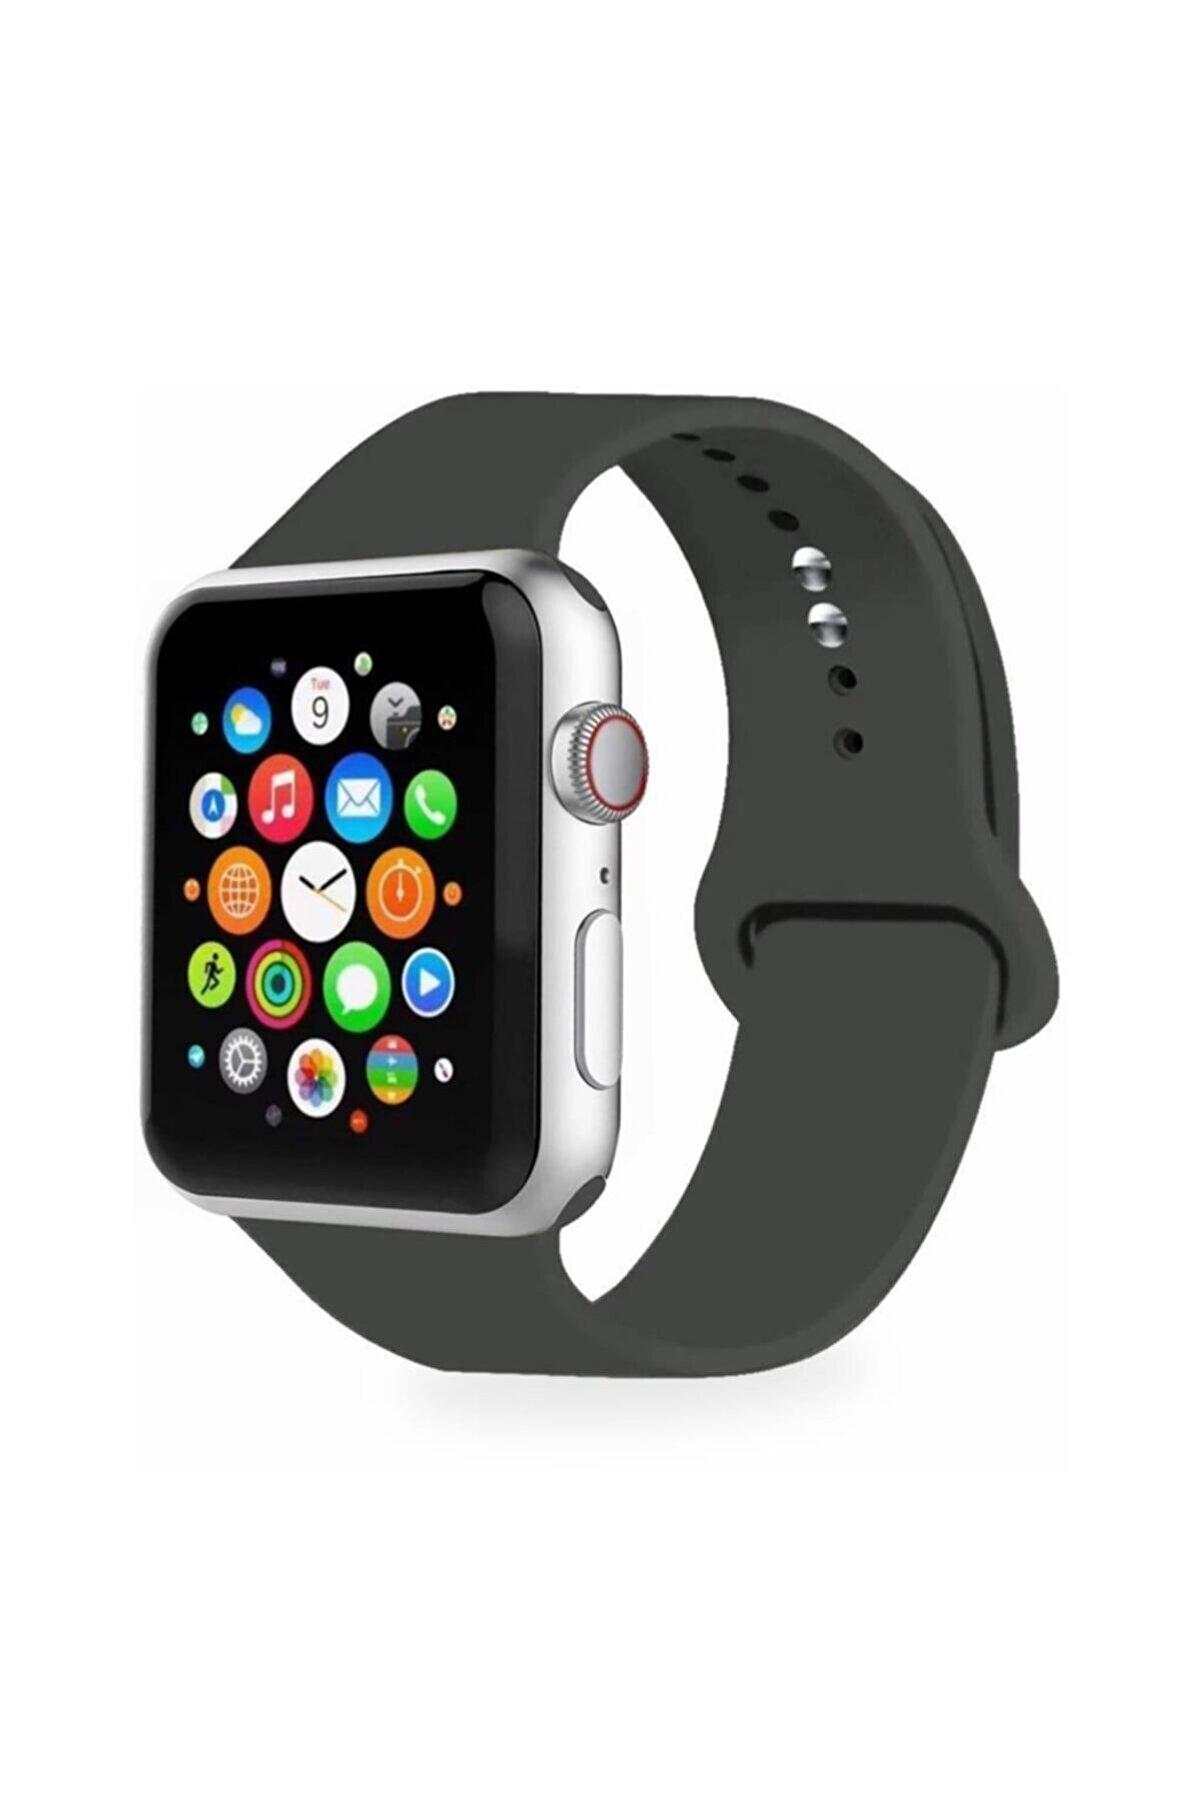 Cimricik Apple Watch Uyumlu Kordon 2 3 4 5 Seri 38 mm Ve 40 mm Silikon Kordon Kayış